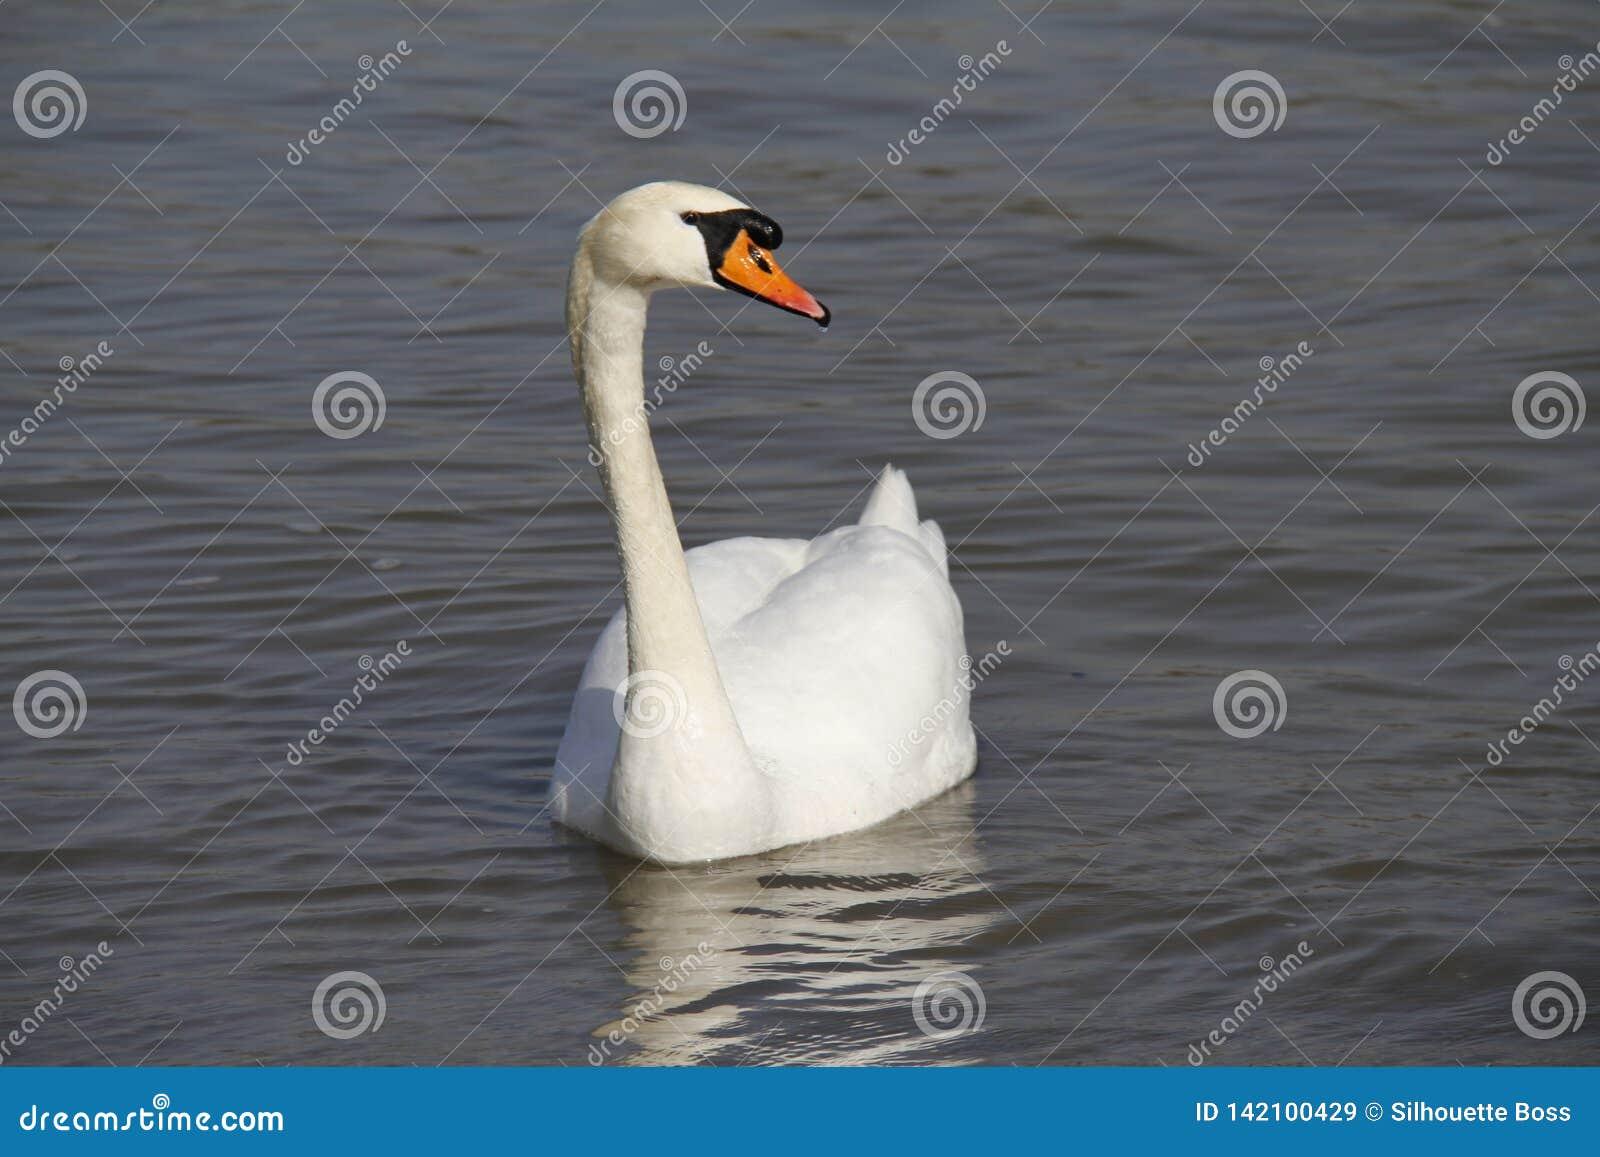 Молодой лебедь плавает спокойно на воде